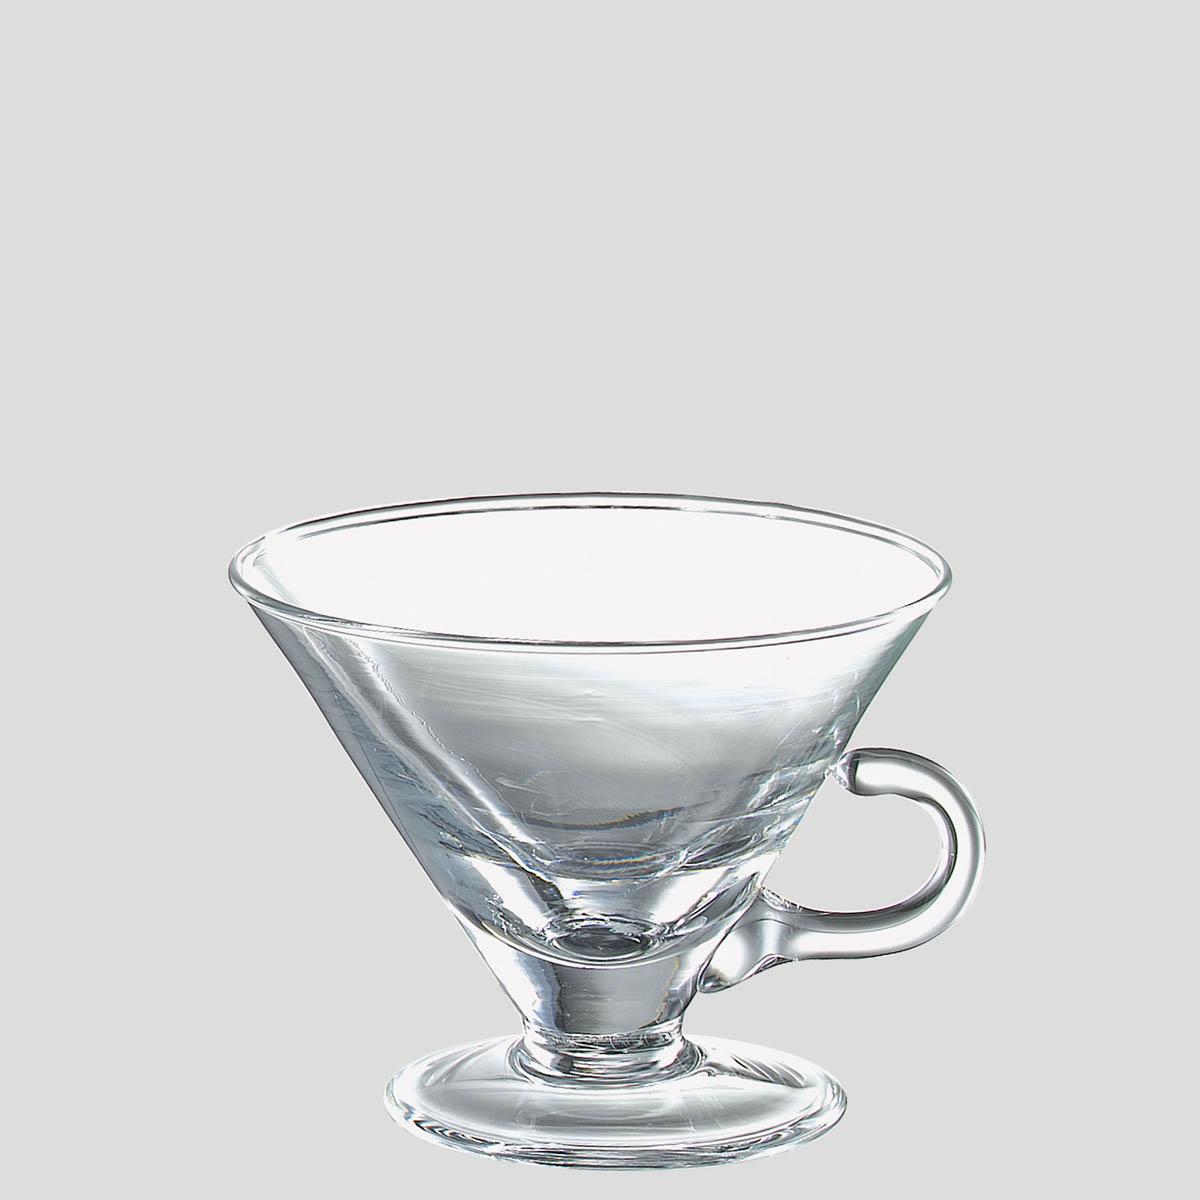 Coppetta cono - coppetta in vetro per caffetteria gelateria - Gardagel